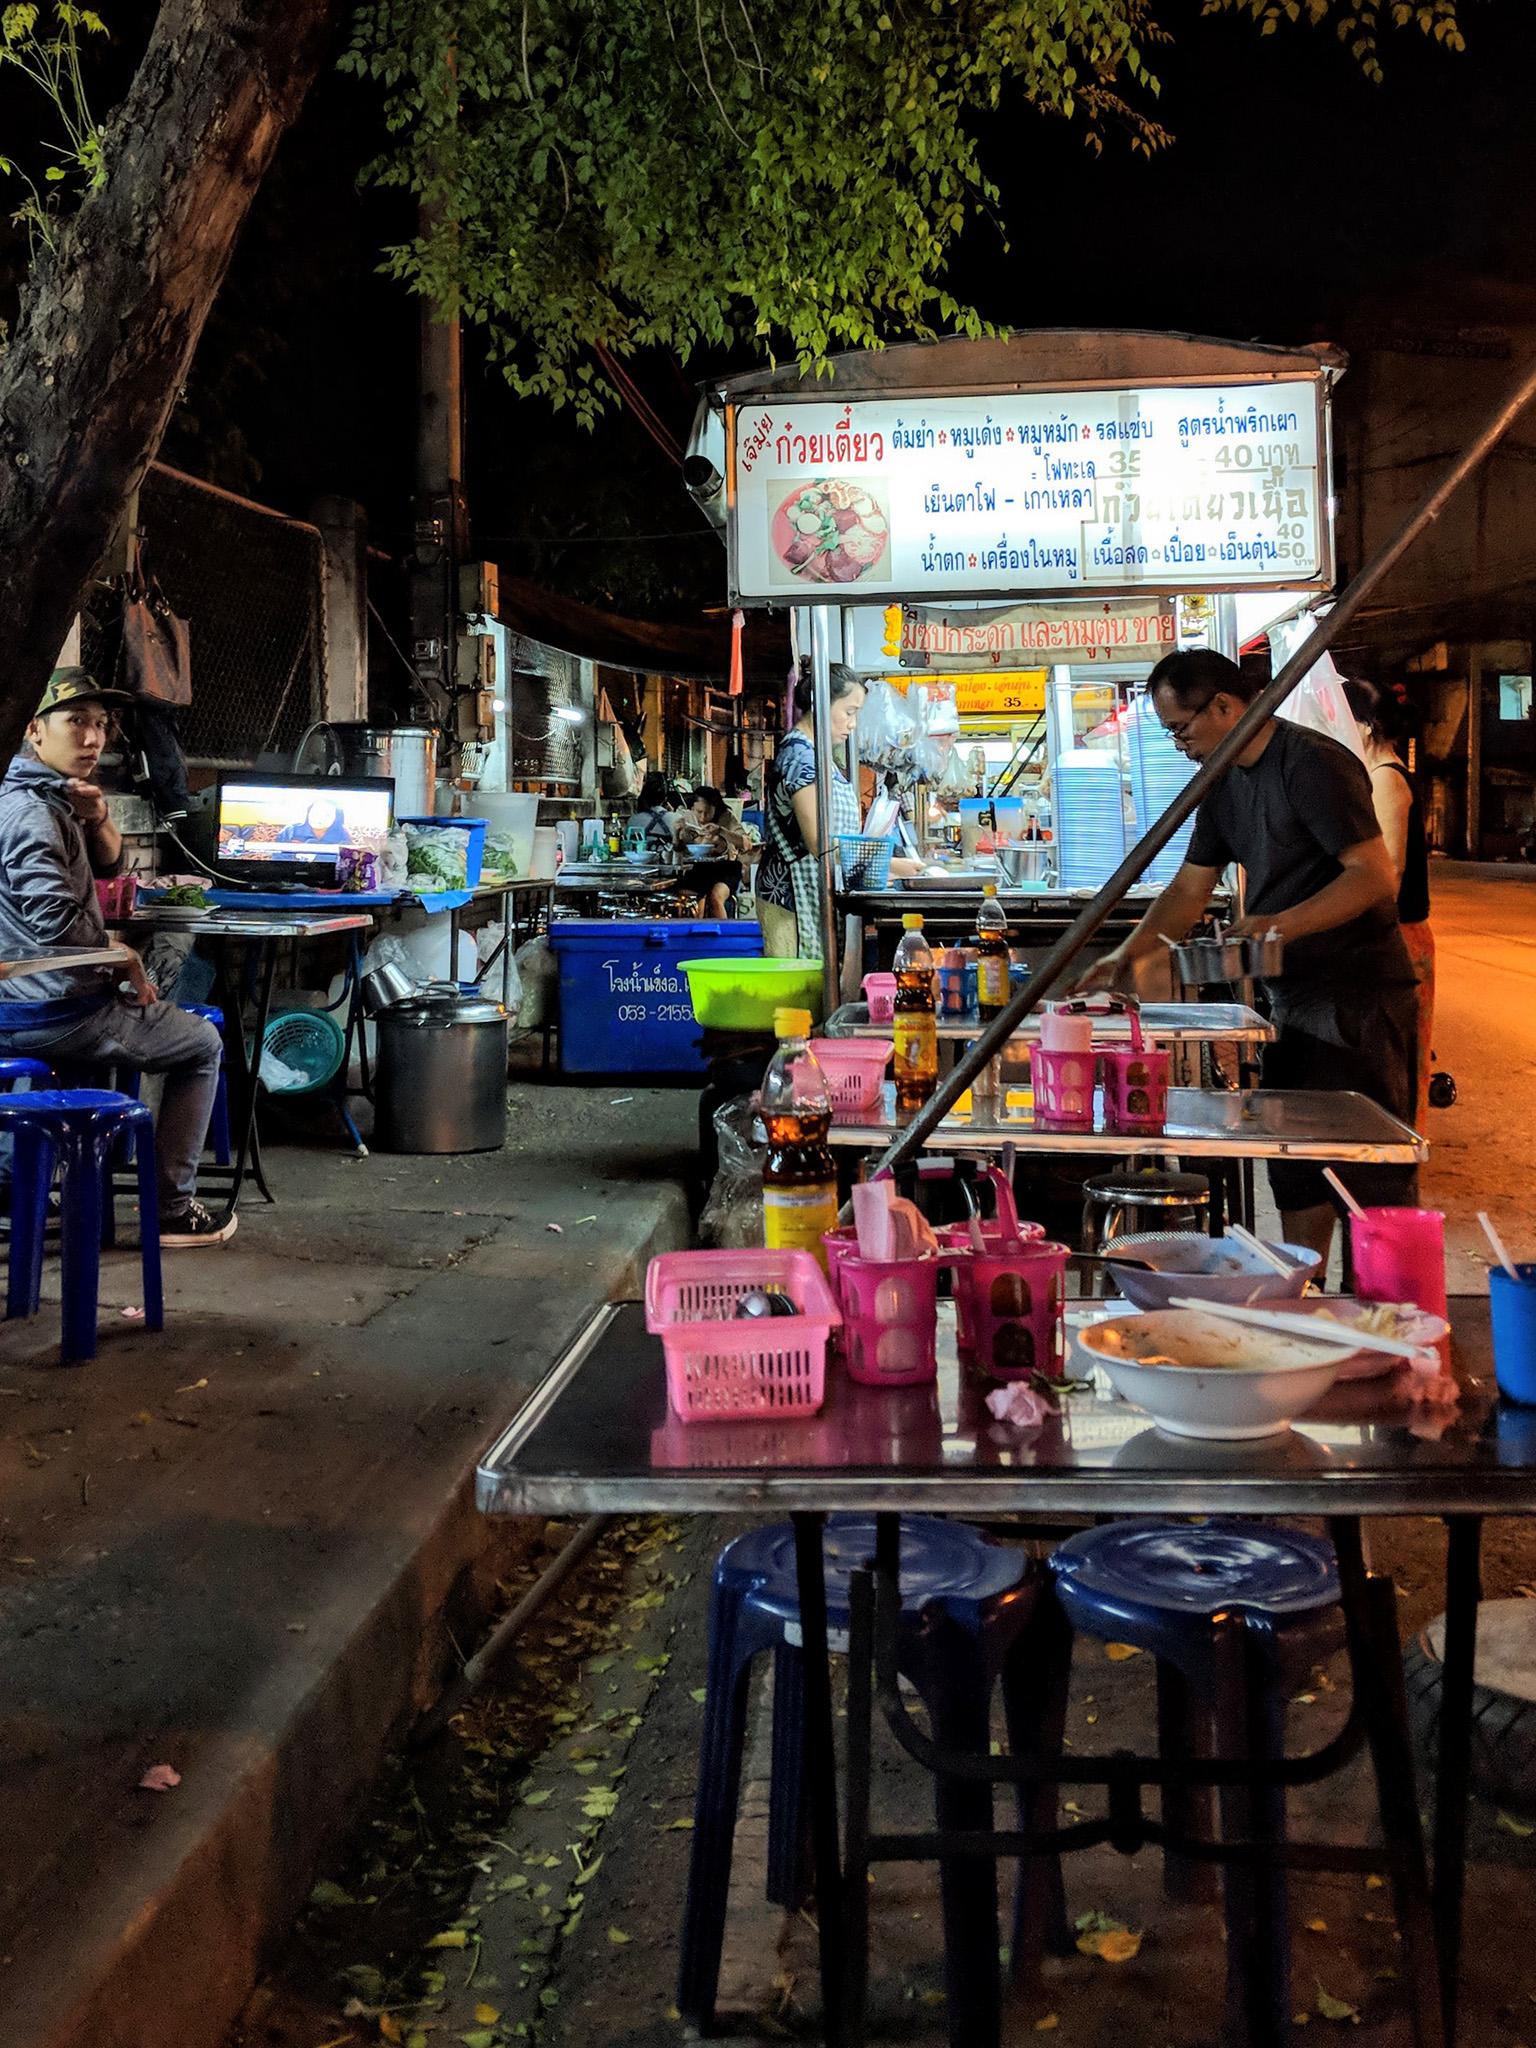 Dinner at a street vendor serving up pork noodles